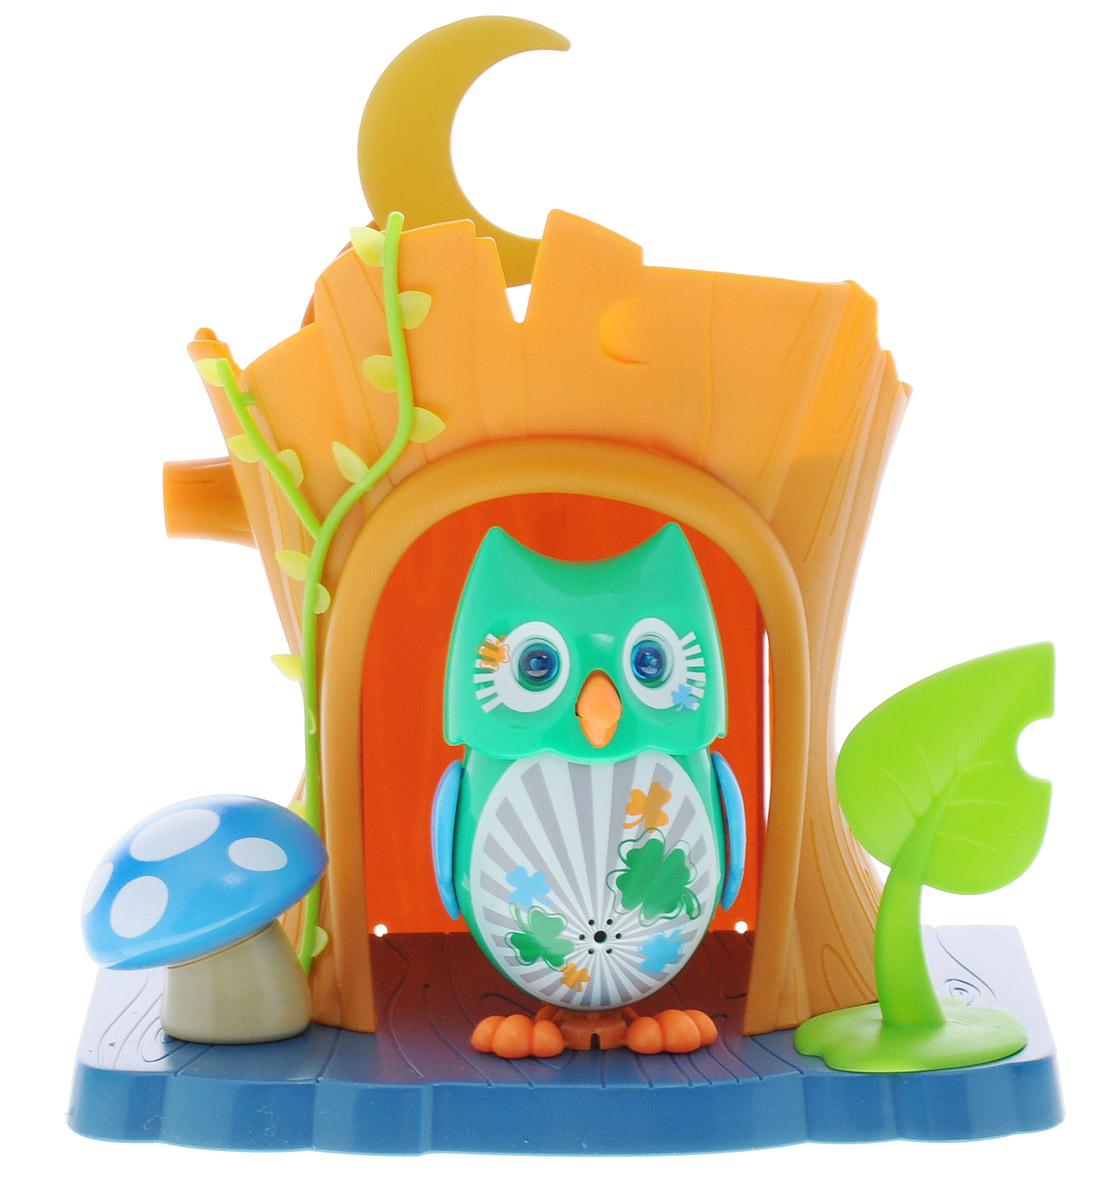 DigiFriends Интерактивная игрушка Сова Lucky с домиком88359-3Интерактивная игрушка DigiFriends Сова с домиком подарит ребенку множество незабываемых игр. Птичка умеет петь как соло, так и в хоре - вместе с другими птичками или персонажами DigiFriends. Уютный домик для совы имеет главный вход и заднюю дверь. К крыше домика прикреплен месяц, который поднимается и наступает ночь. Рядом с домиком расположены мухомор и листик. Если повернуть листик, то под ним можно обнаружить забавную божью коровку. Чтобы активировать режим проигрывания мелодий и уханья совы, достаточно посвистеть в свисток, имеющийся в комплекте. Кольцо-свисток может быть использовано в качестве насеста-переноски. Игрушка издает 55 вариантов мелодий и звуков. Голова птички двигается в такт мелодии, а клюв - открывается. Глаза совы светятся. Игрушка может спеть вместе со всеми персонажами DigiFriends в режиме хор. Птичка, которую активировали первой, становится солистом. Управлять пением пернатой звезды или целым хором - исключительно увлекательное занятие,...